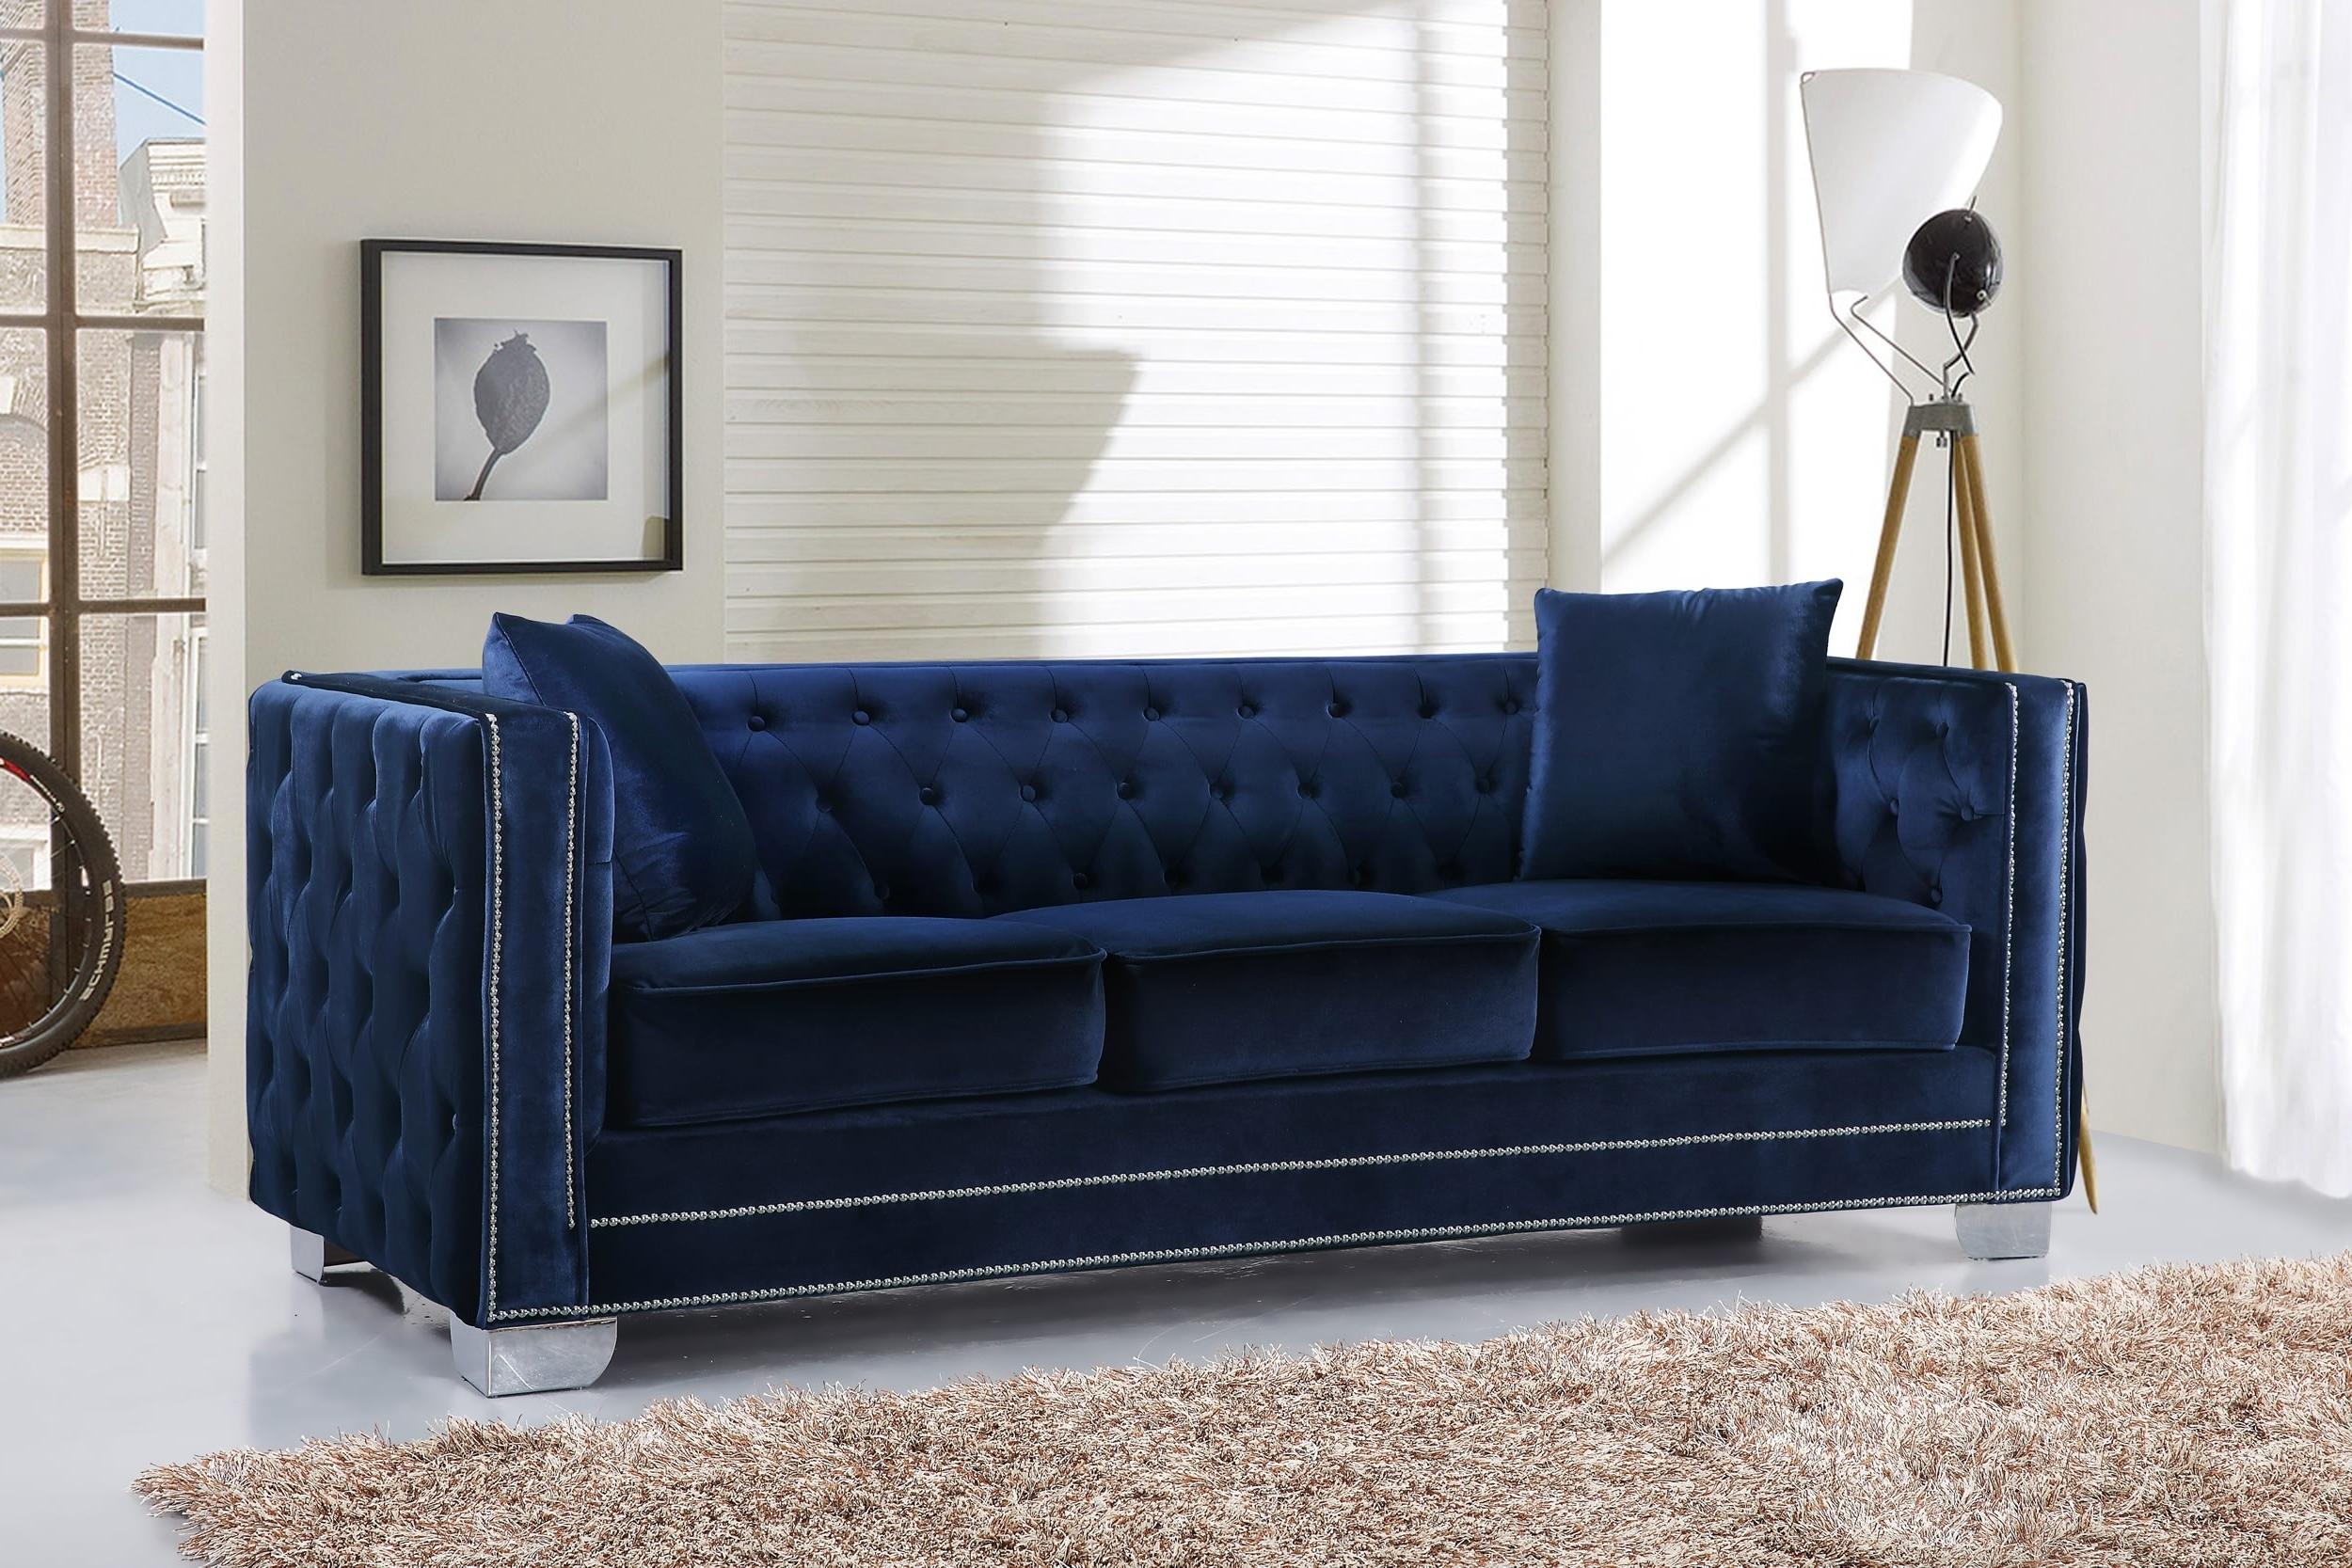 Velvet Sofas For Current Reese Velvet Sofa, Navy Buy Online At Best Price – Sohomod (Gallery 2 of 20)